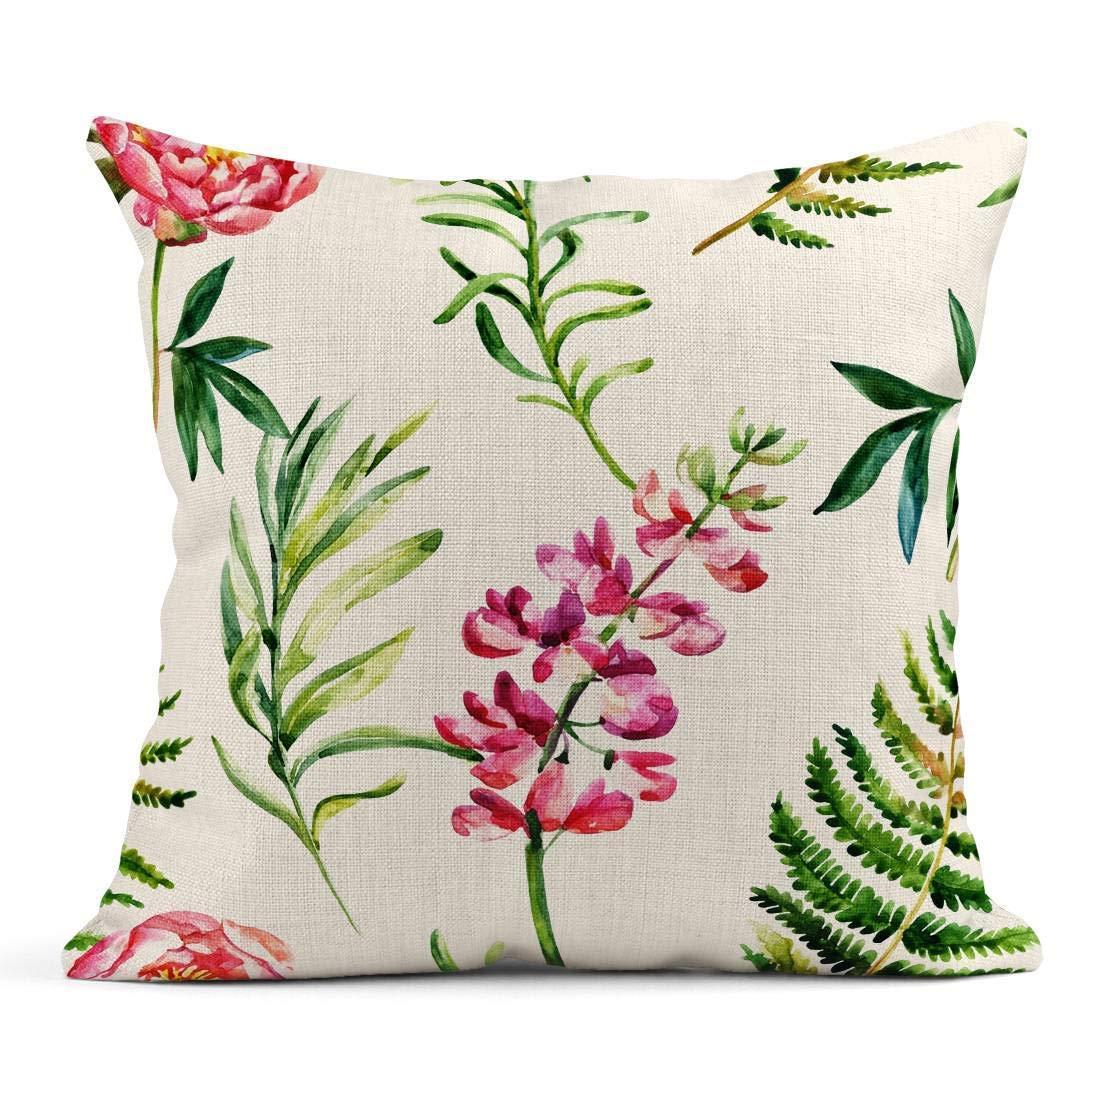 Kinhevao Cojín Rosa Agua Acuarela Jardín Flores Silvestre Prado en la Mano Patrón de Color Floral Cojín de Lino Almohada Decorativa para el hogar: Amazon.es: Jardín